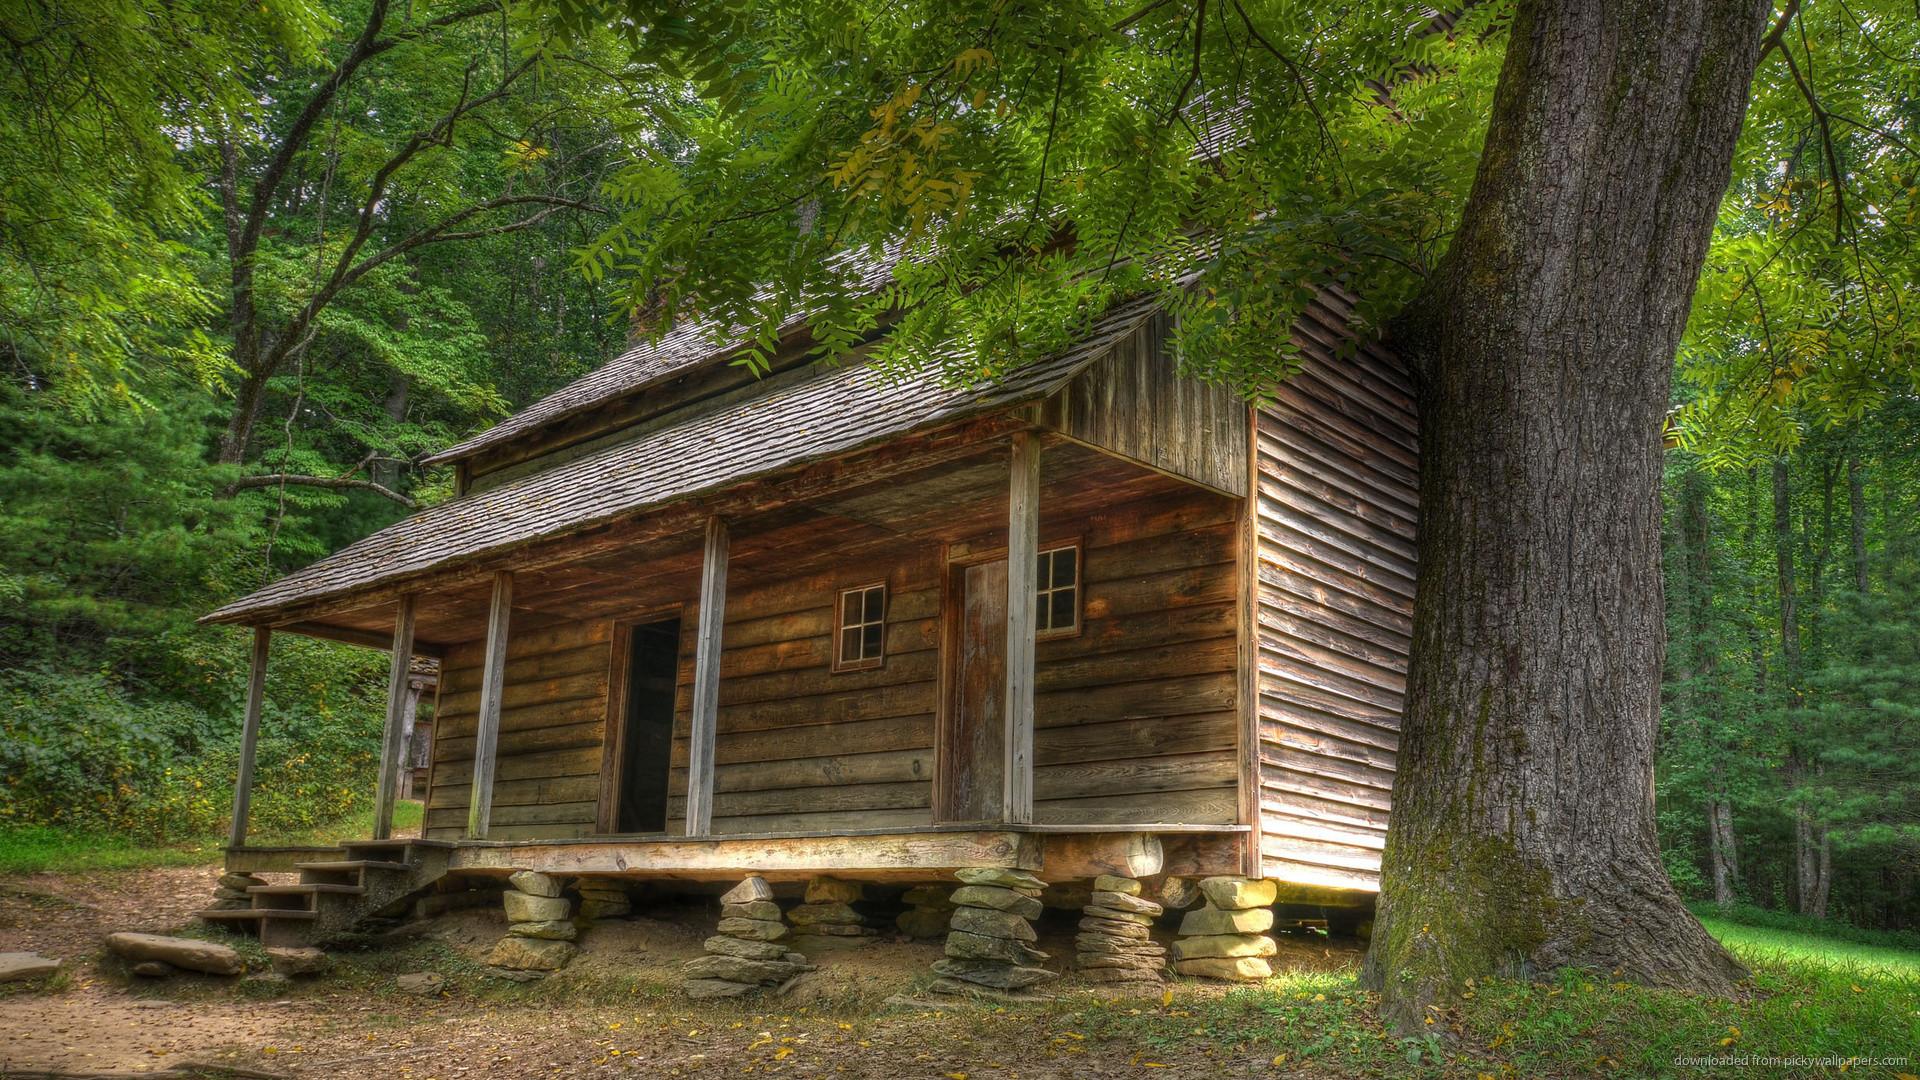 Rustic Log Cabin Wallpaper 56 Images